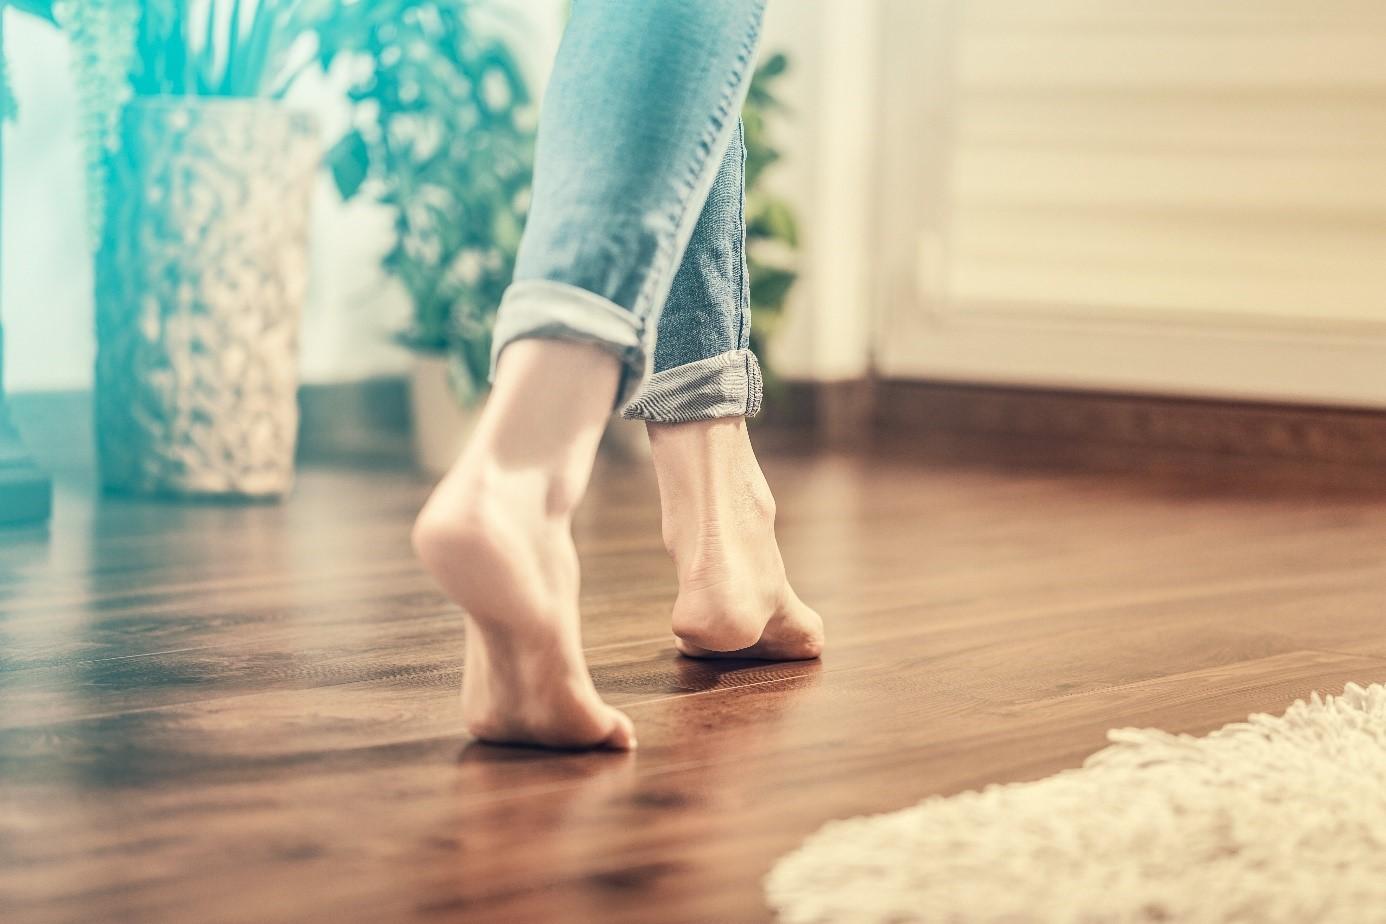 Huis met vloerverwarming: hoe zit het met energieverbruik #vloerverwarming #wonen #energieverbruik #energieverlijken